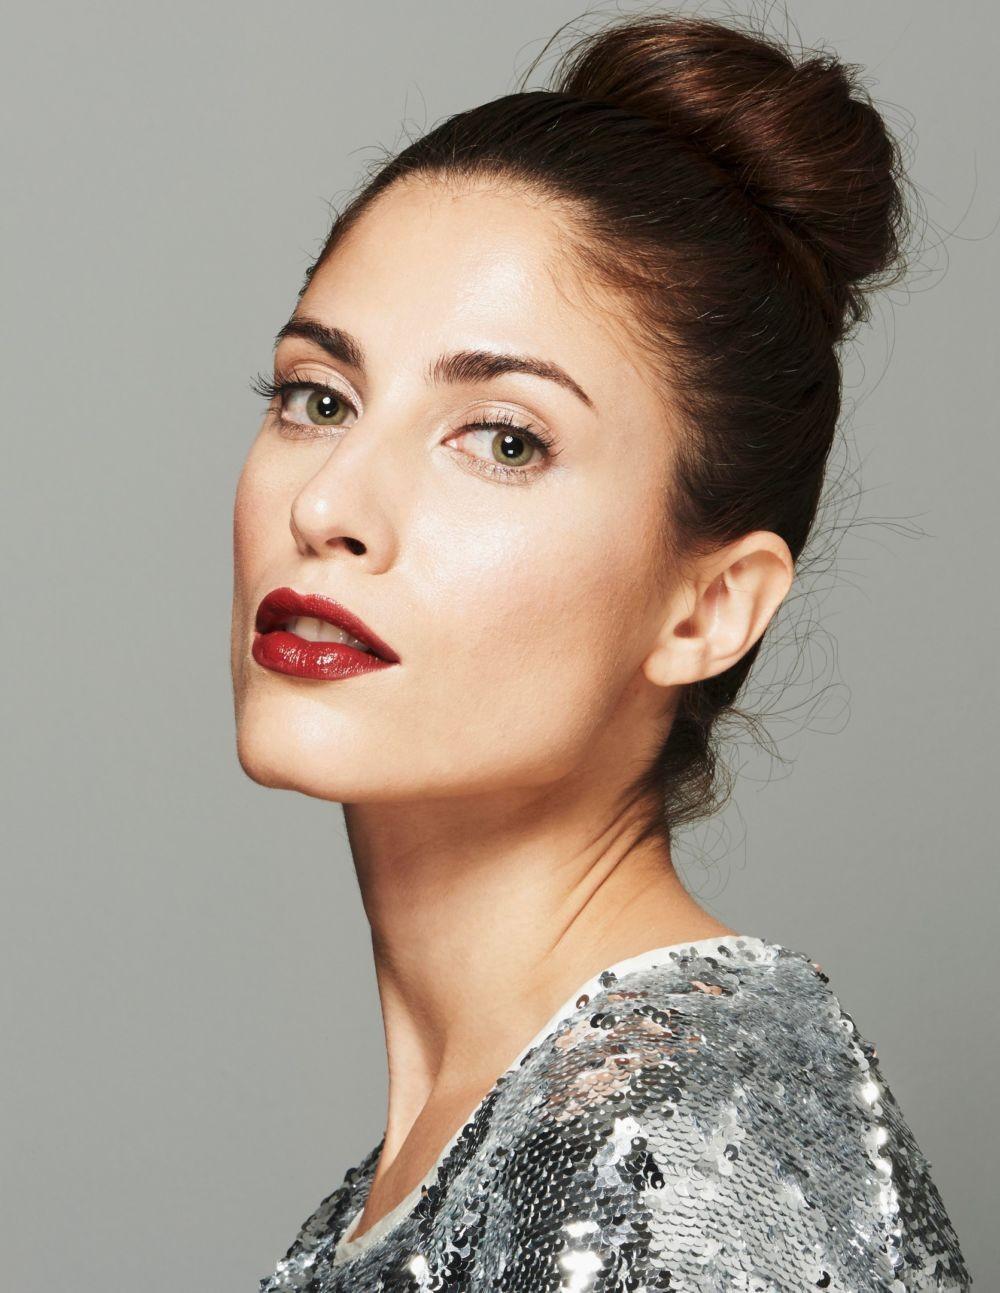 Что одеть на день Святого Валентина 2019: макияж на праздник красные губы